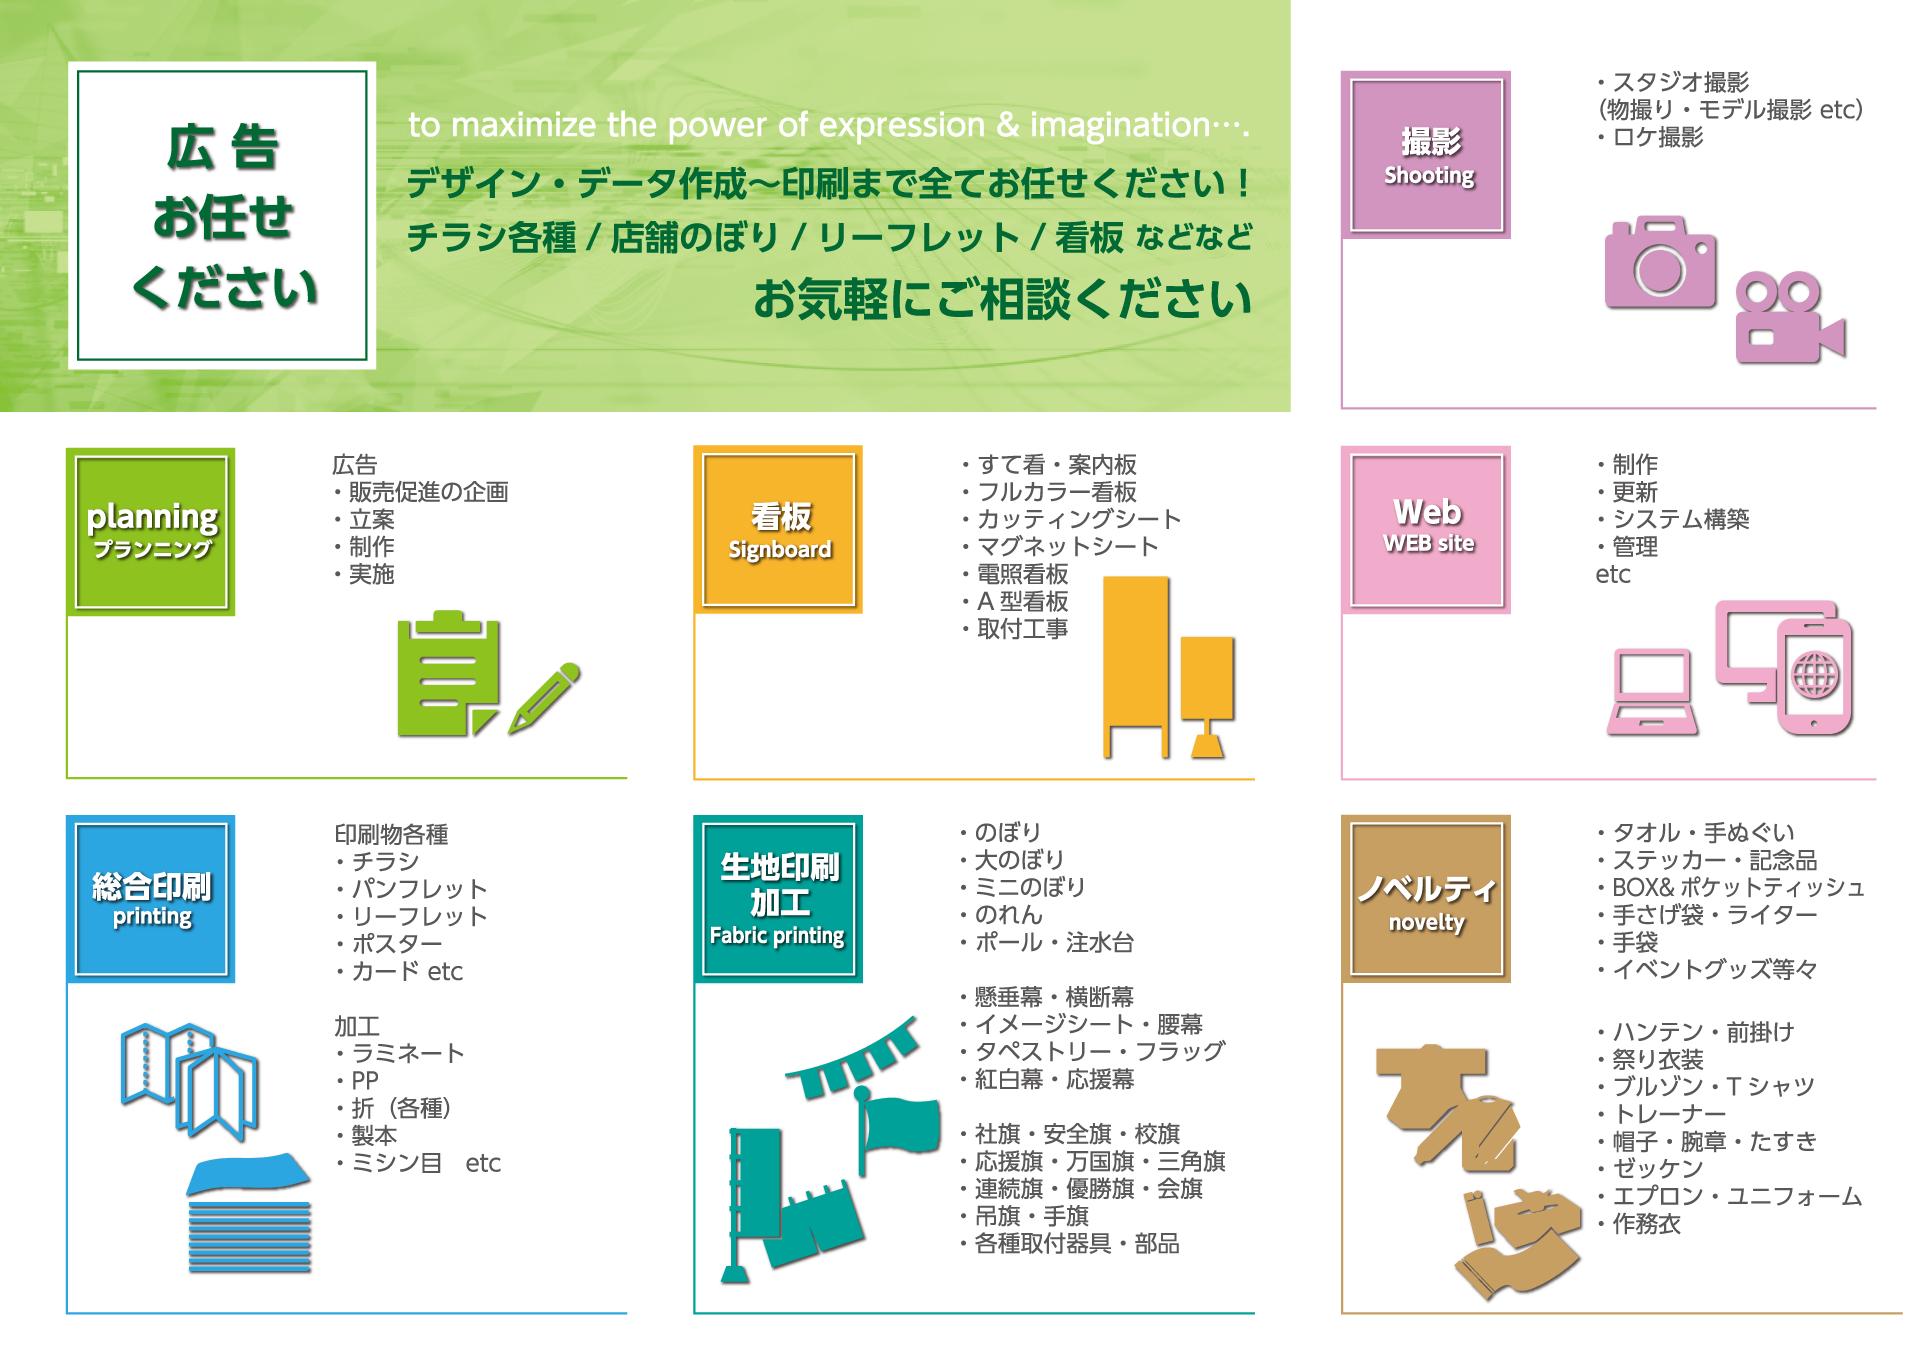 AN・PROMOTION - 広告・デザイン・データ作成・印刷まで全ておまかせください!